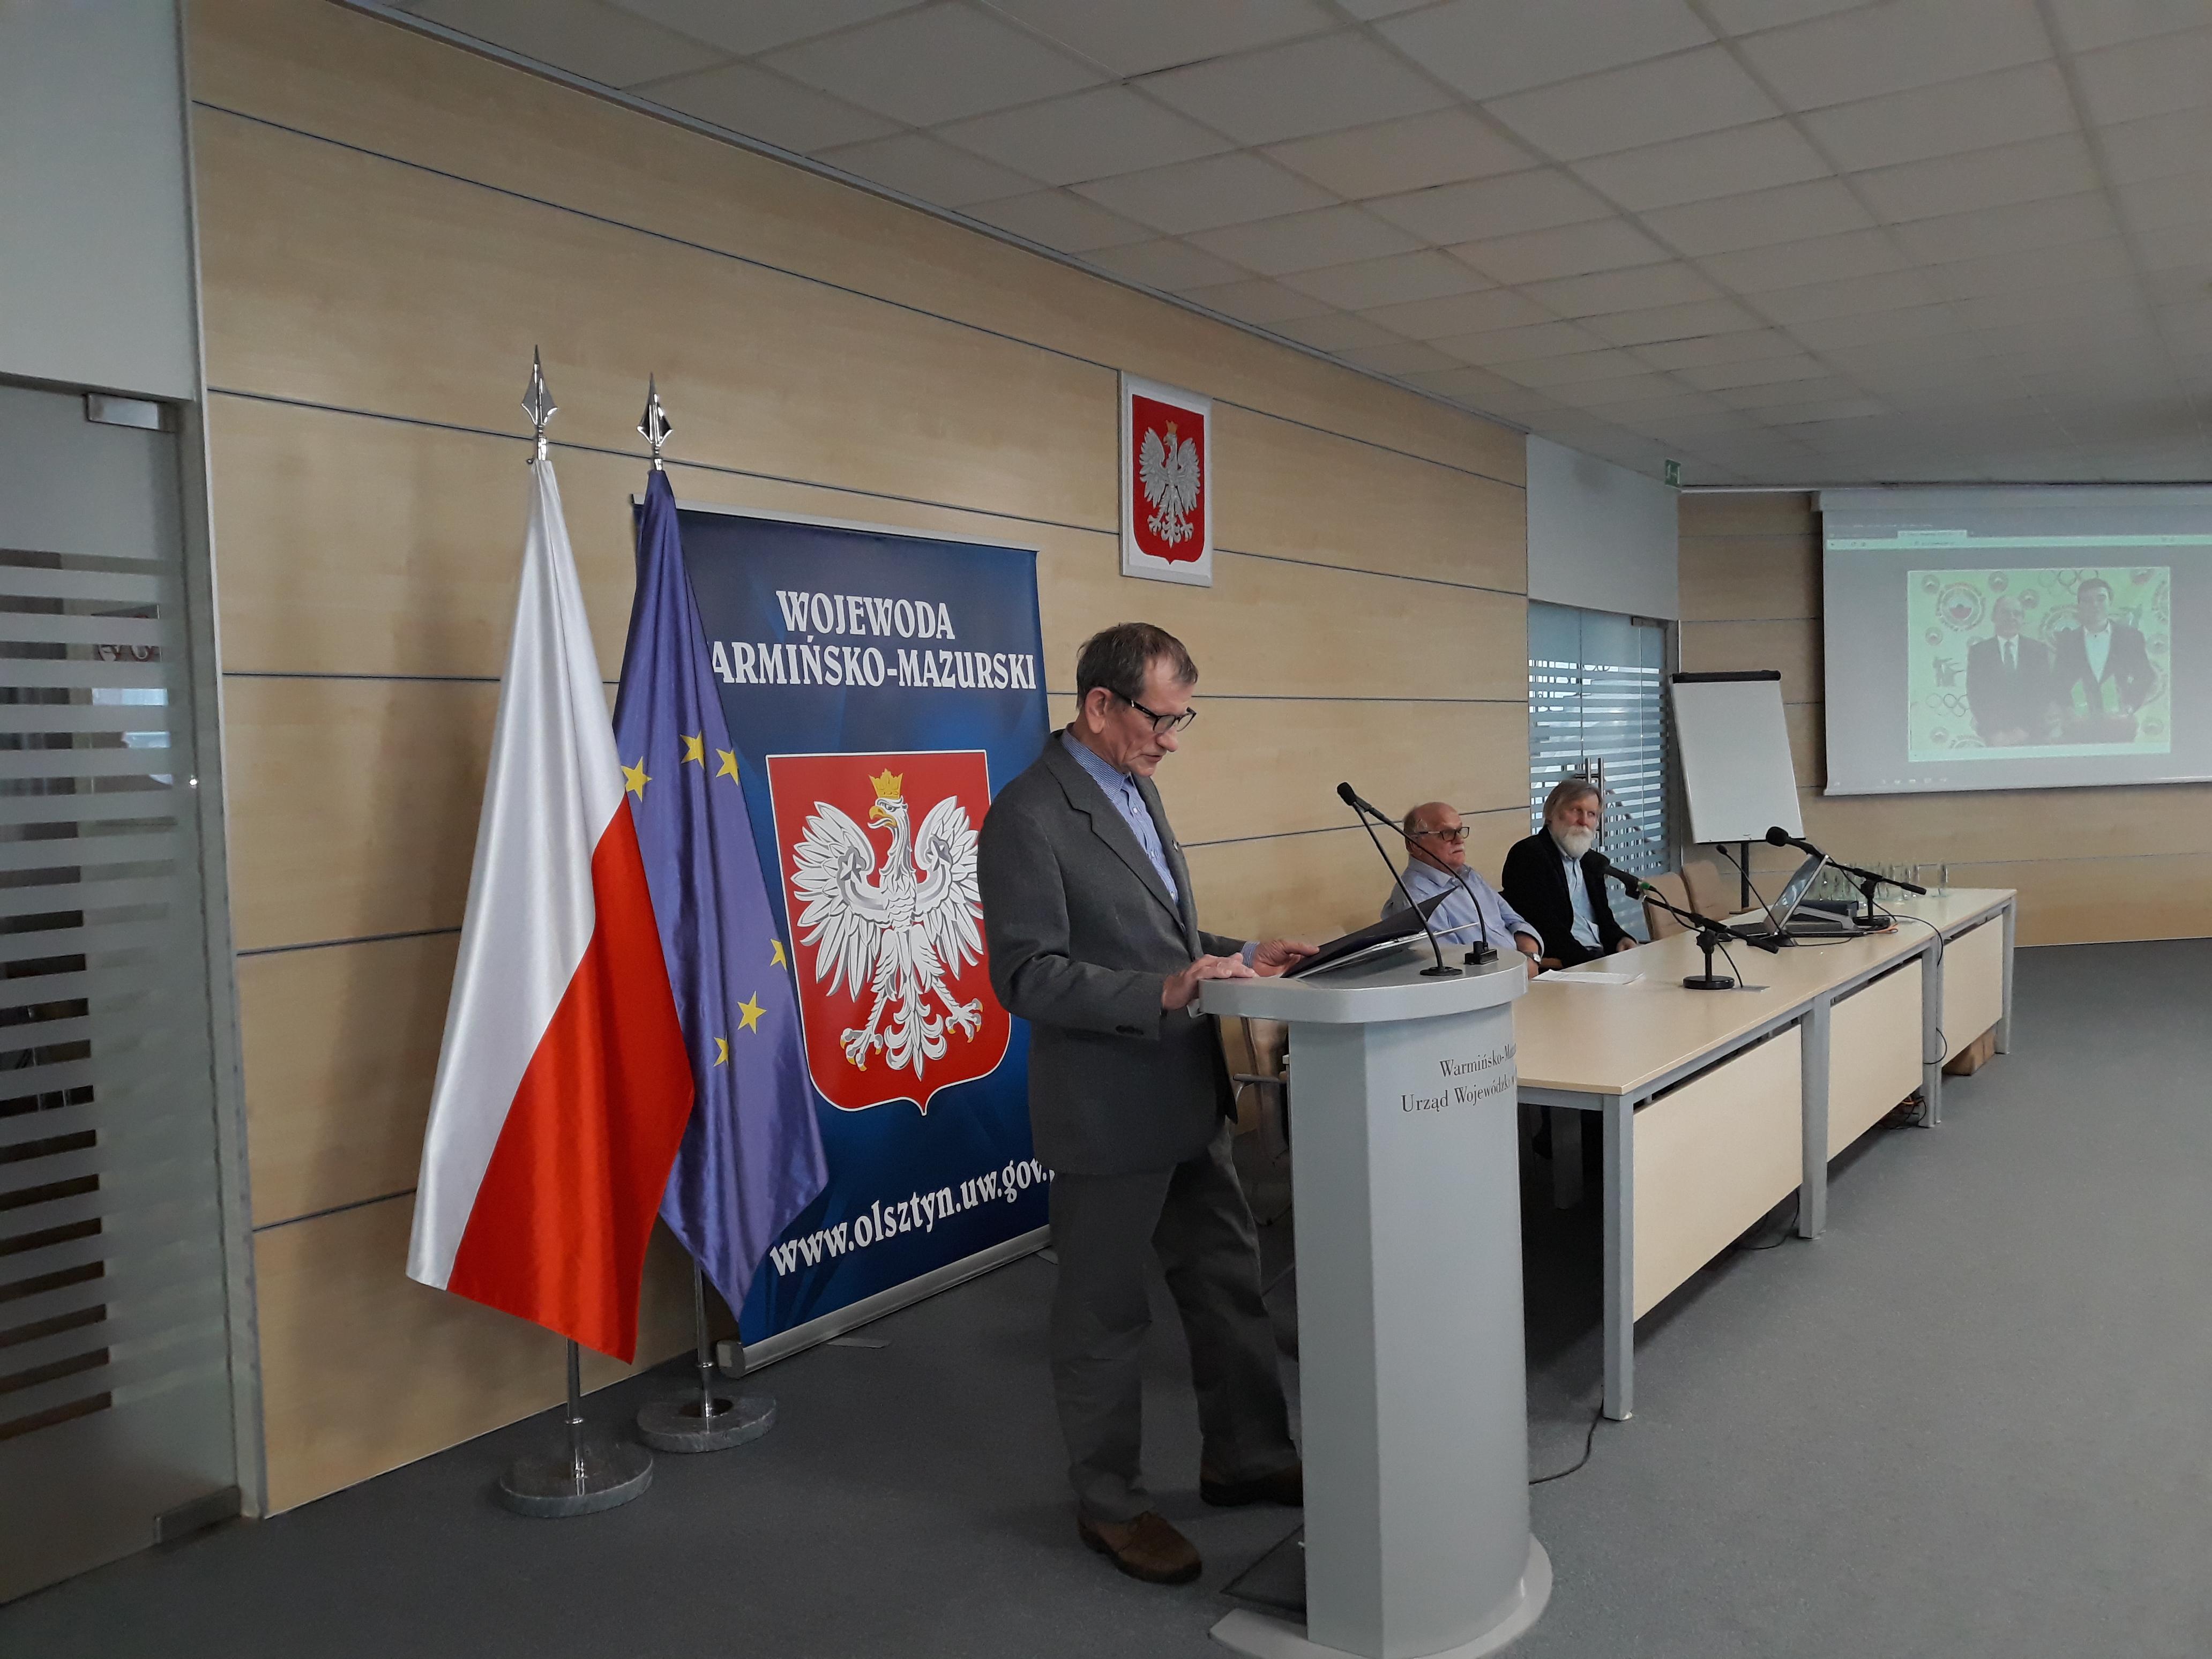 Pełnomocnik Wojewody Warmińsko-Mazurskiego p. Władysław Kałudziński odczytał list p. Artura Chojeckiego do strzelców sportowych